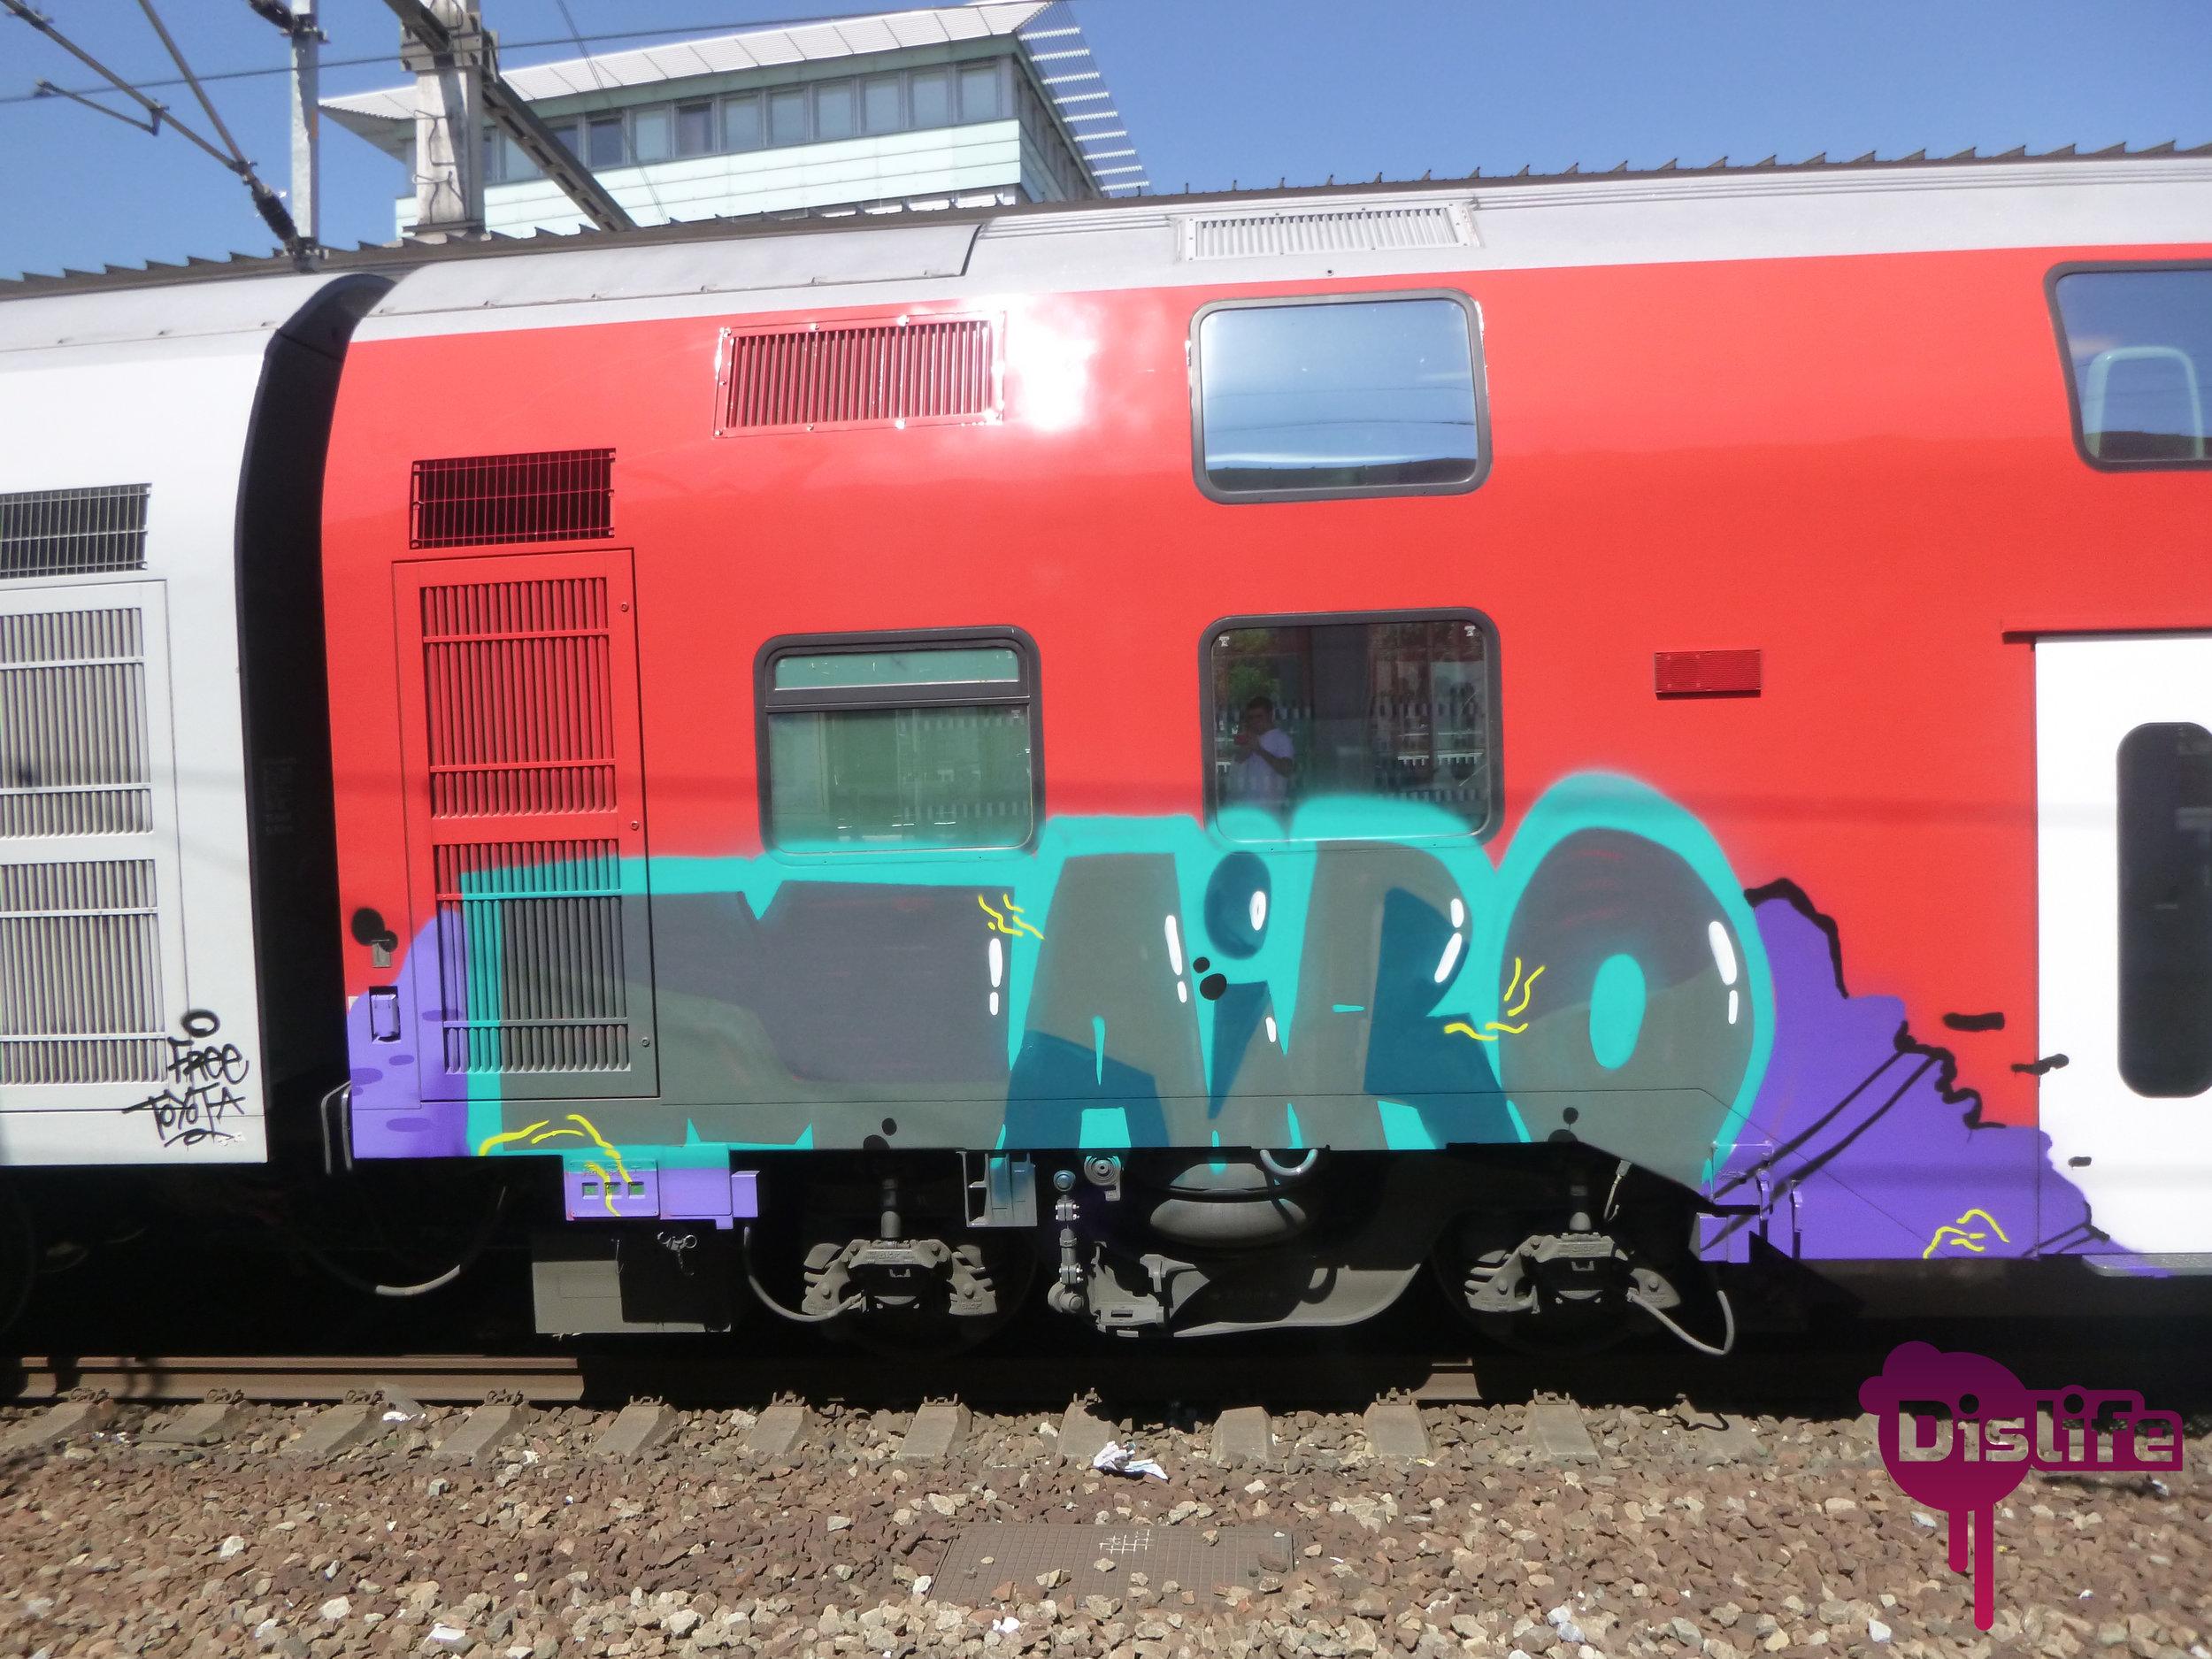 P1030261 - Copia.JPG